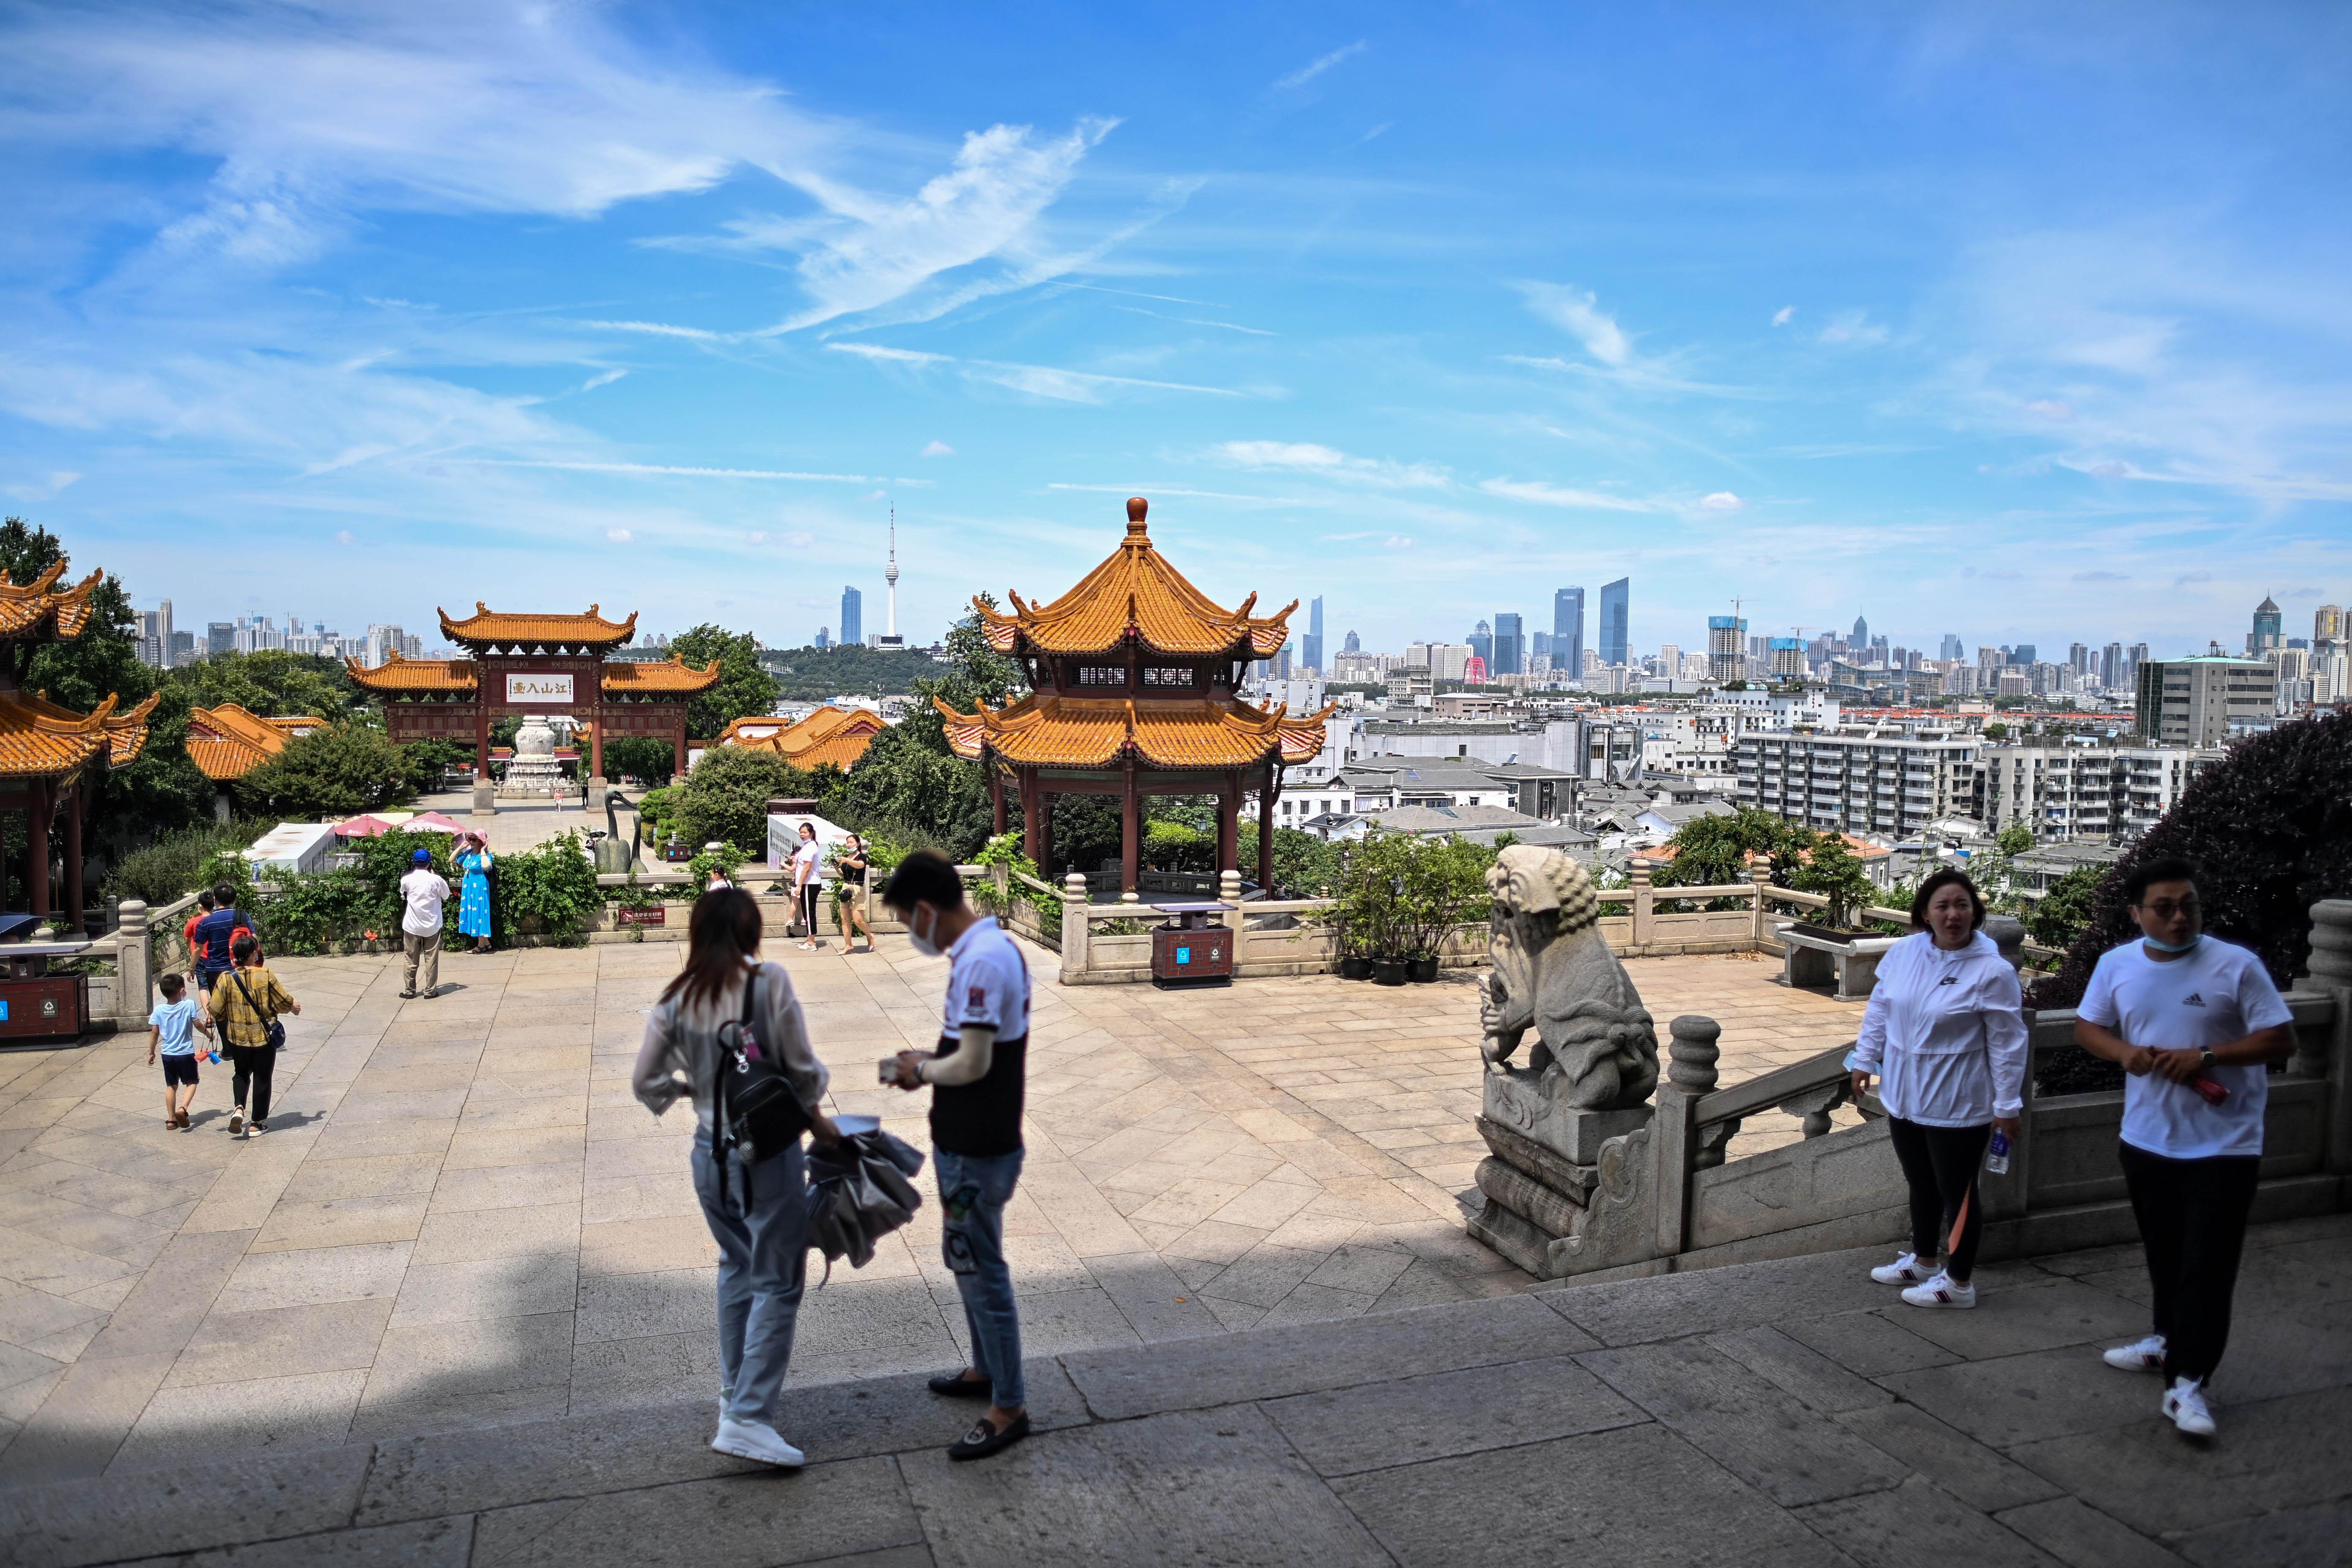 Los turistas volvieron y se fotografían sonrientes frente a la Torre de la Grulla Amarilla, uno de los monumentos emblemáticos de Wuhan, con sus artesanías rojas y naranjas